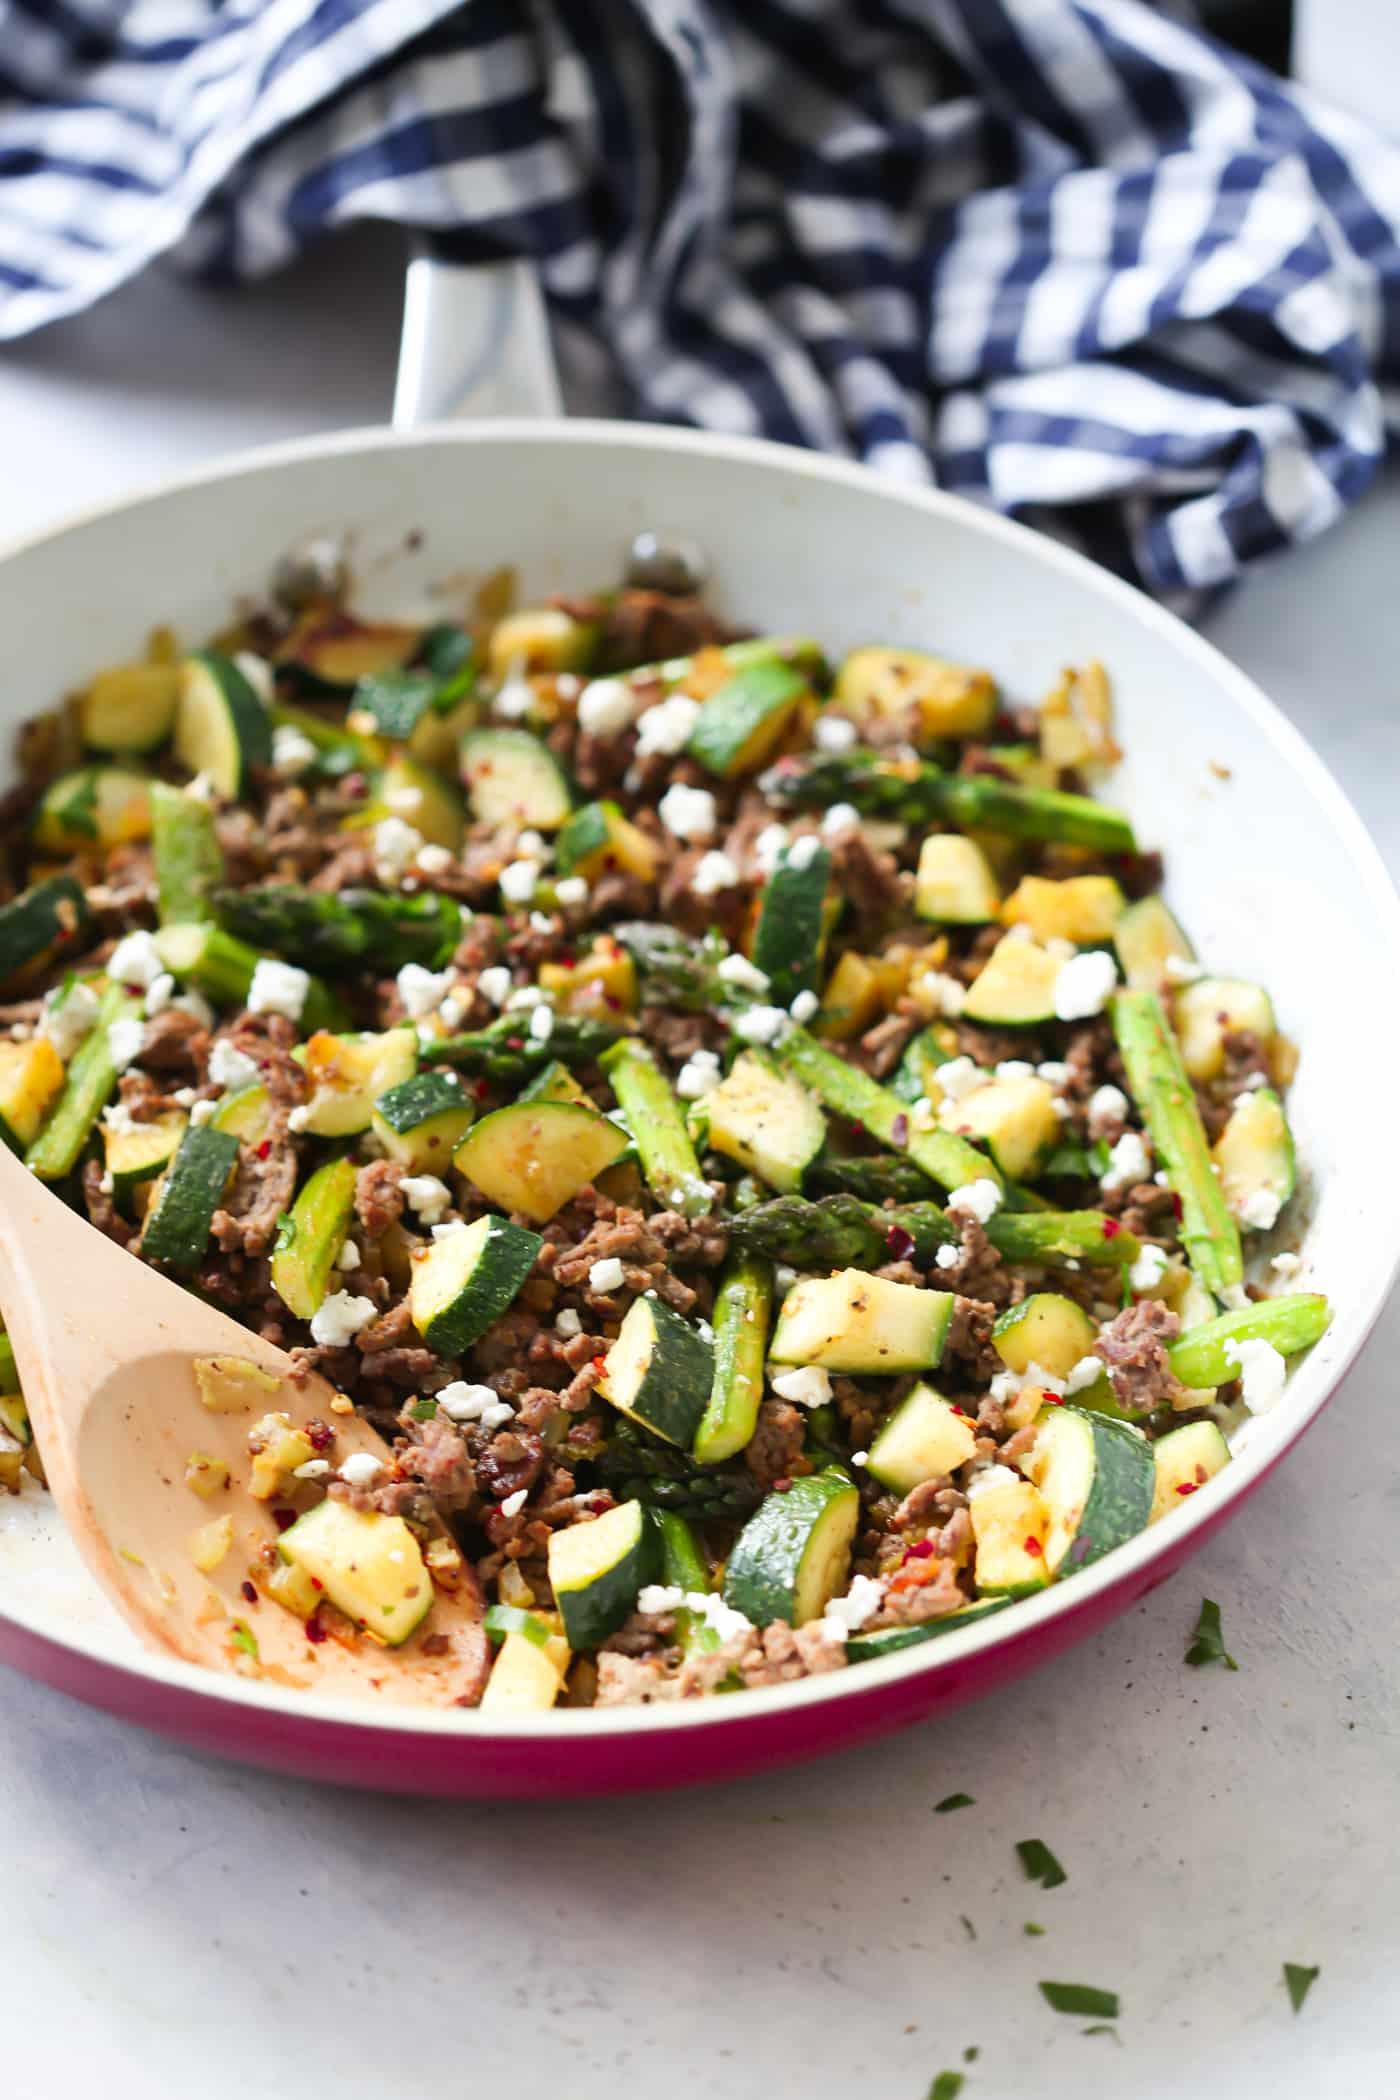 Healthy Recipes For Ground Beef  Ground Beef Veggie Skillet Recipe Primavera Kitchen